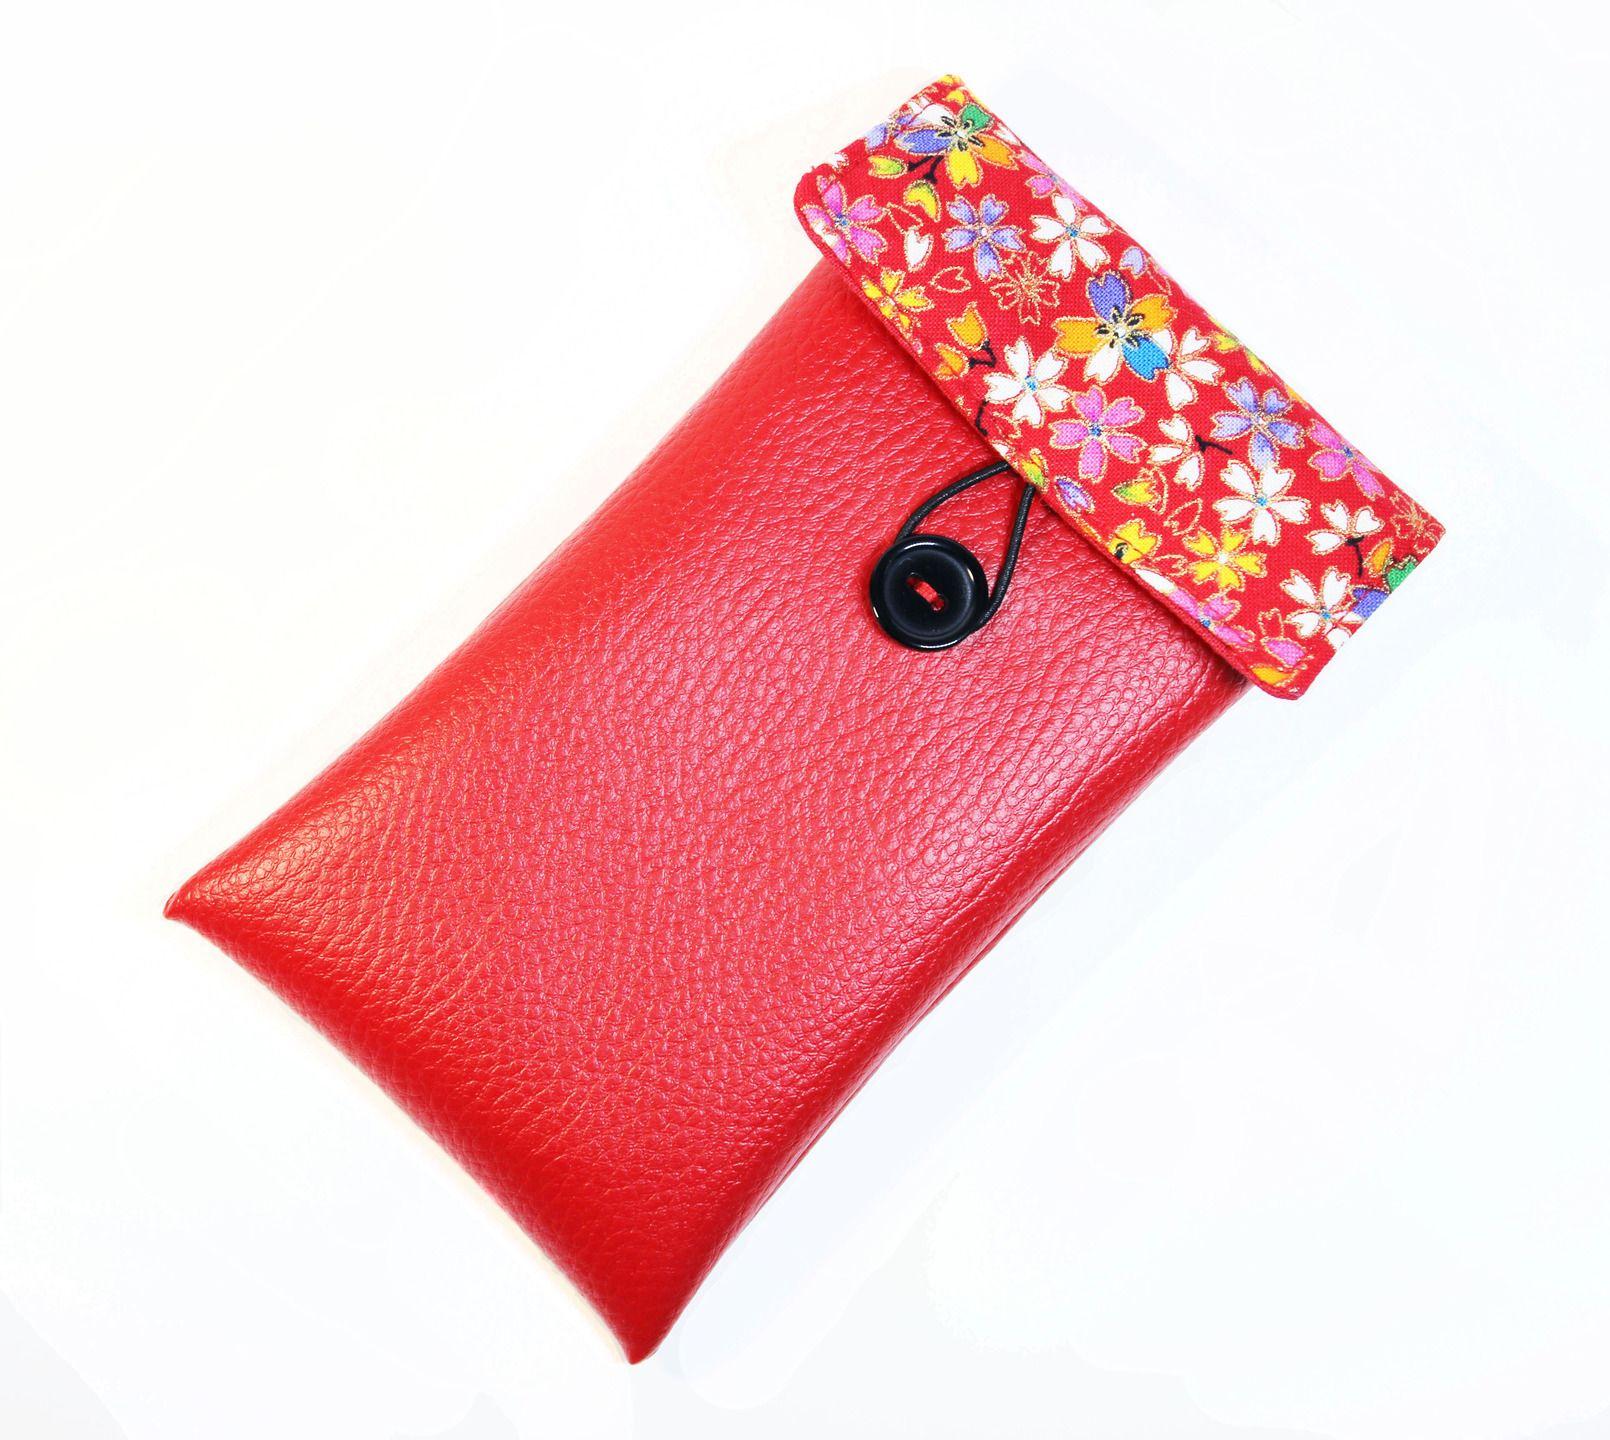 housse portable iphone 6 rouge en simili cuir et tissu japonais : Etuis portables par kipapee